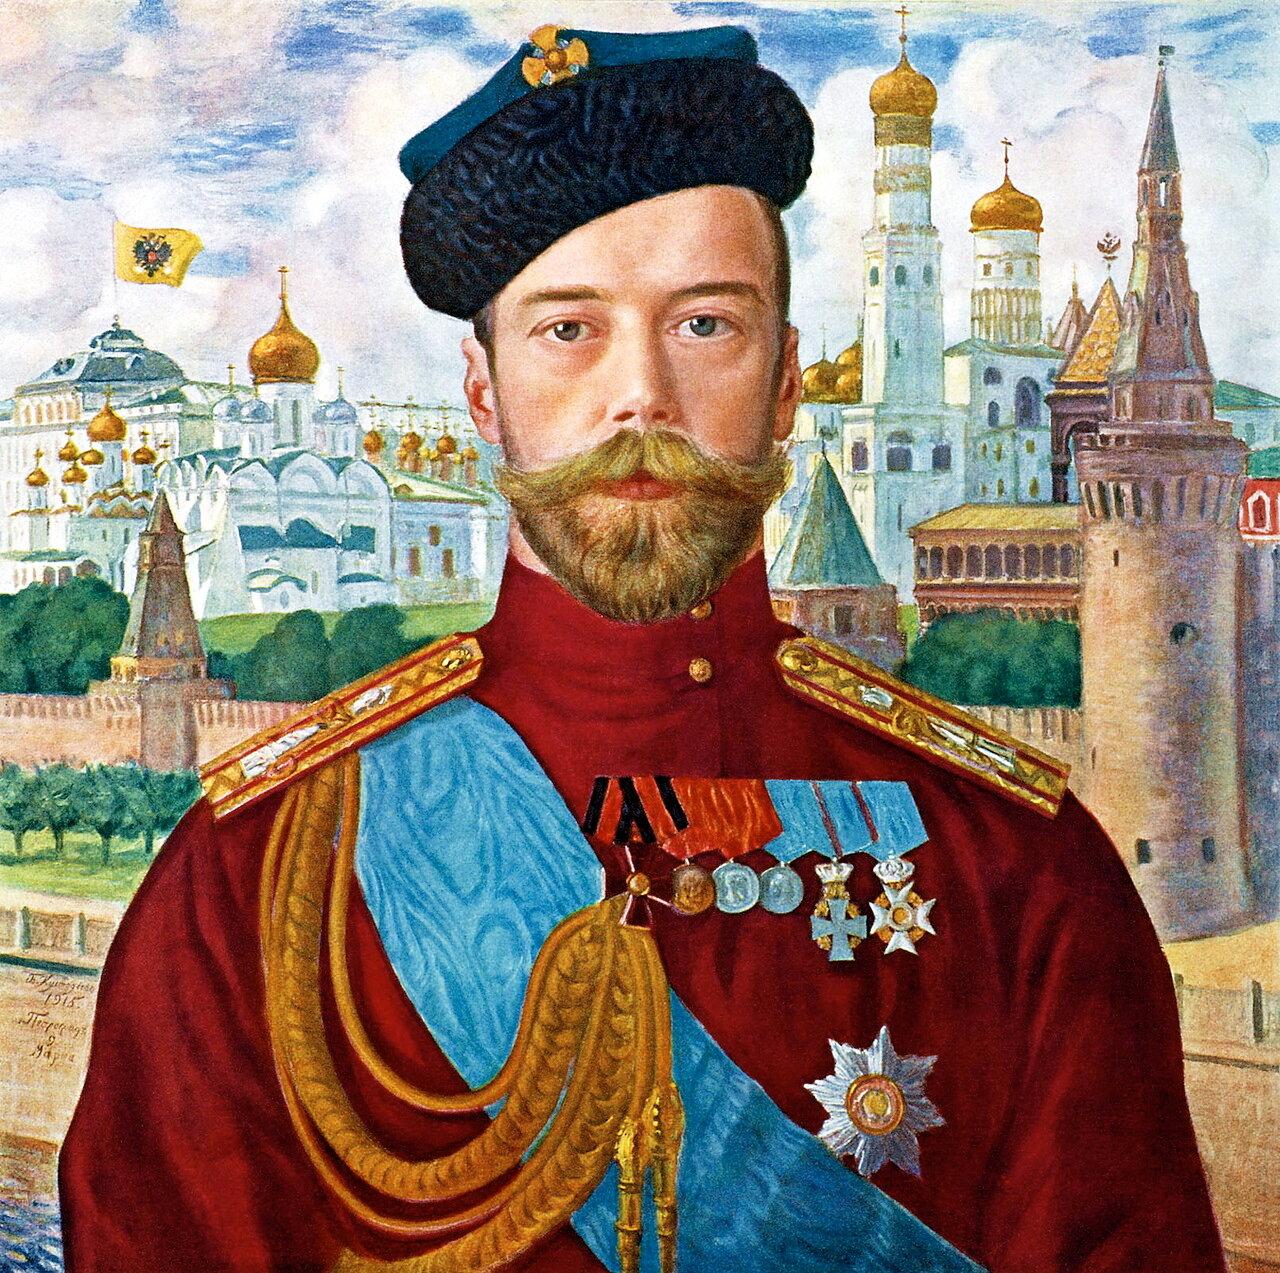 Кустодиев Борис Михайлович (1878-1927). Царь Николай II, 1915